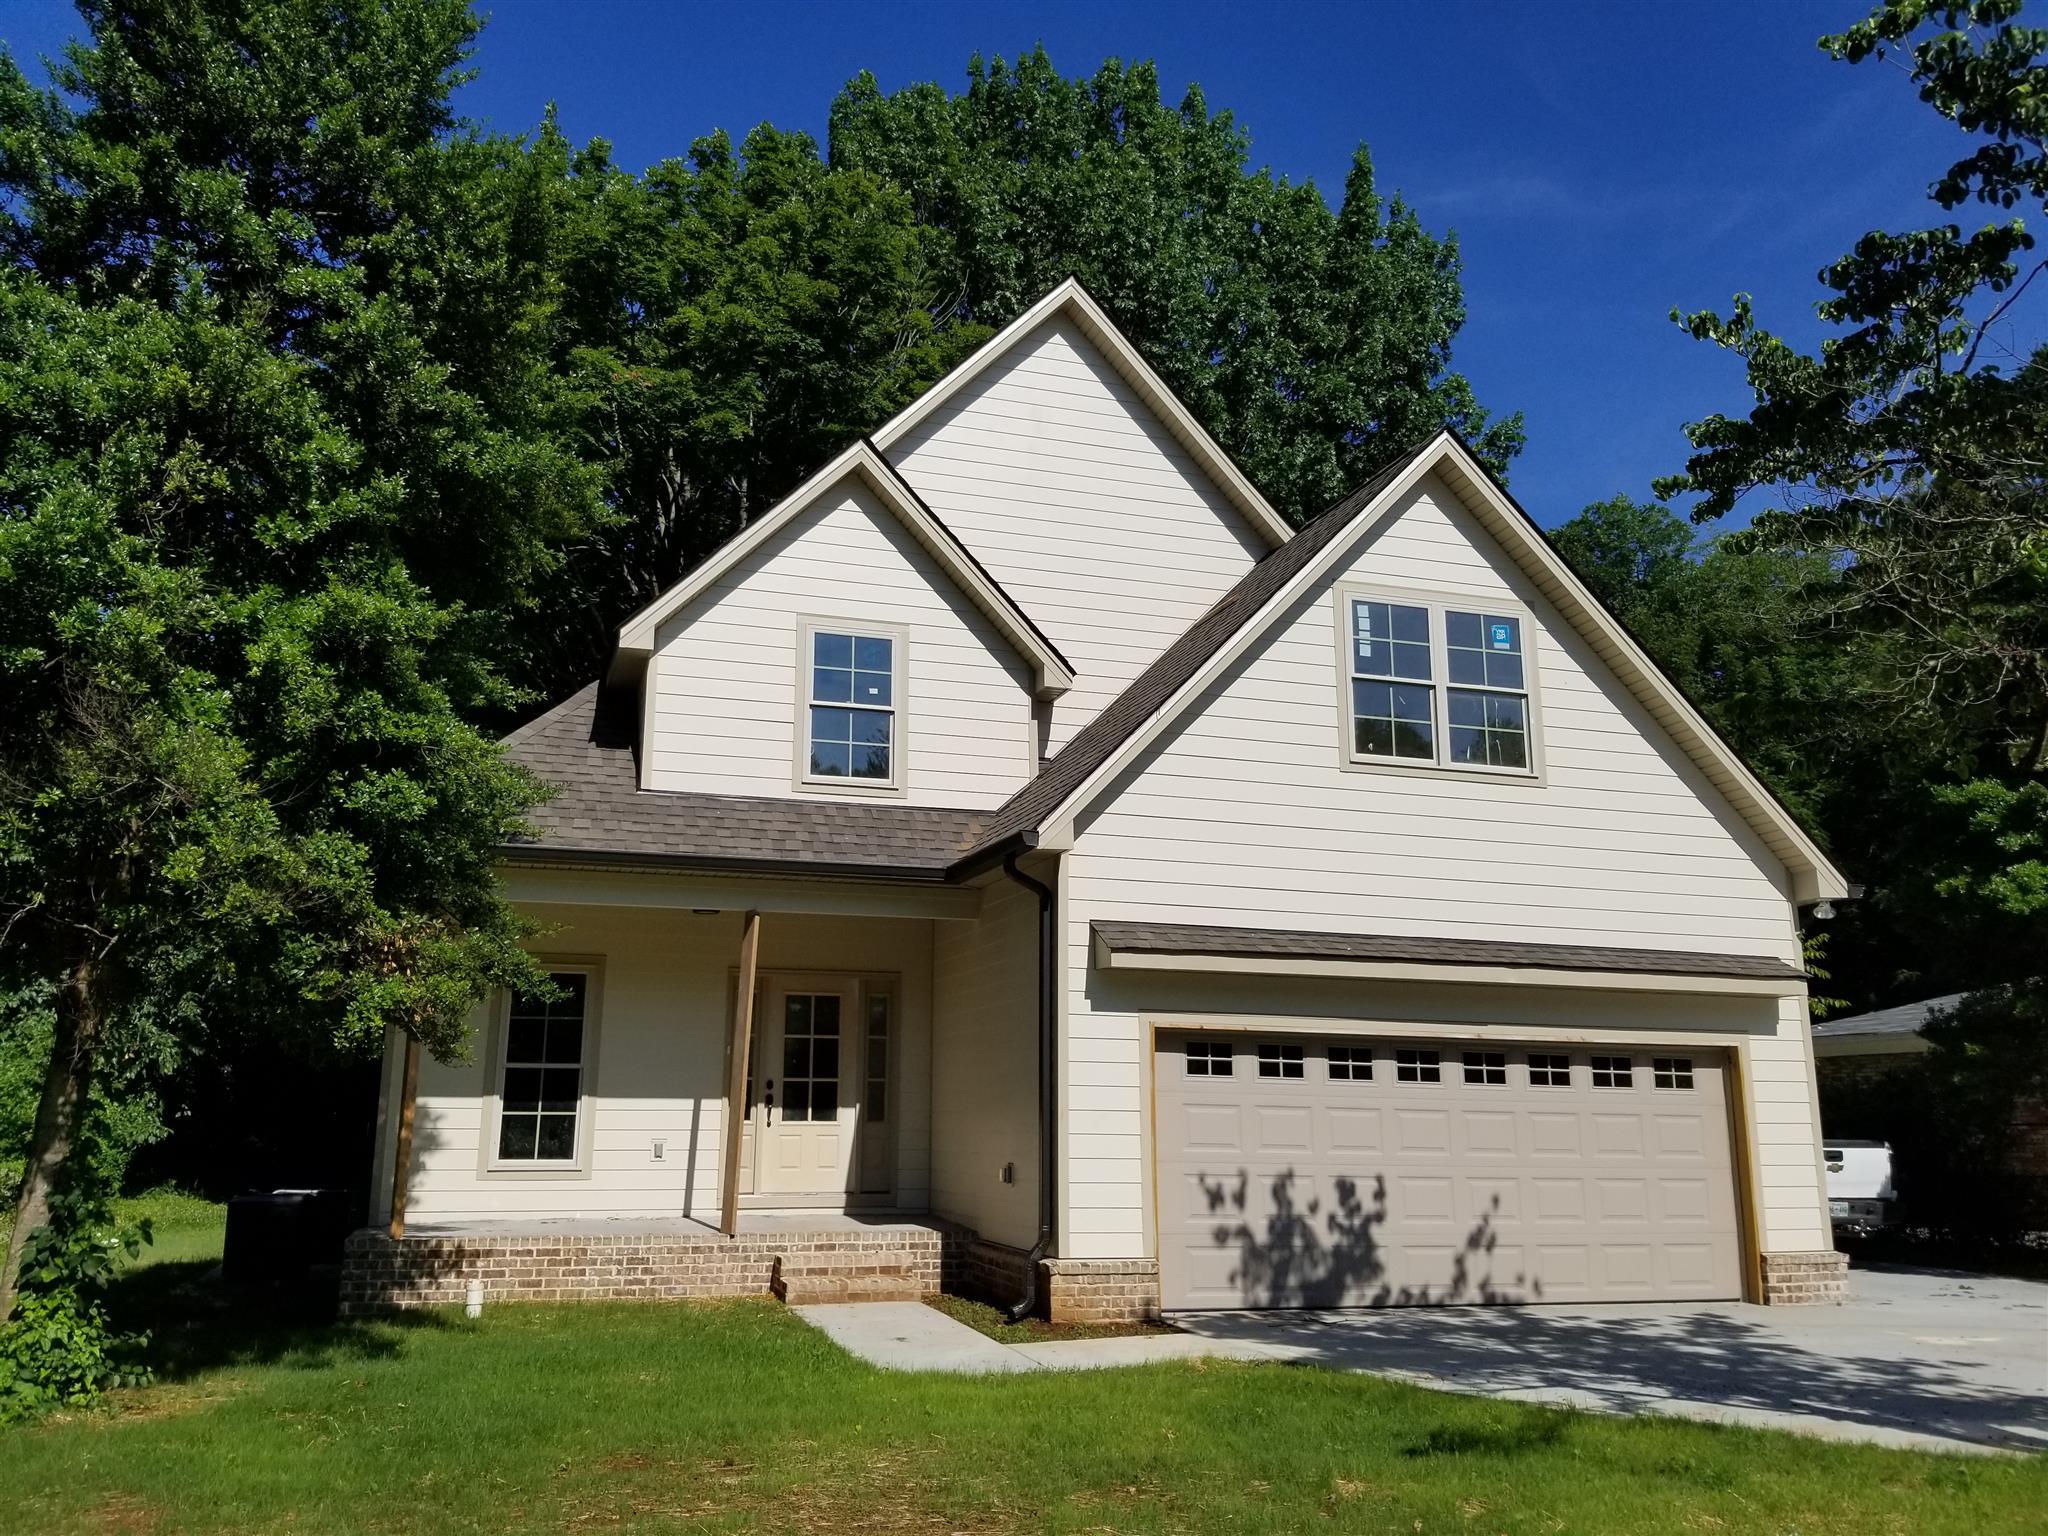 1821 Middle Tennessee Blvd, Murfreesboro, TN 37130 - Murfreesboro, TN real estate listing